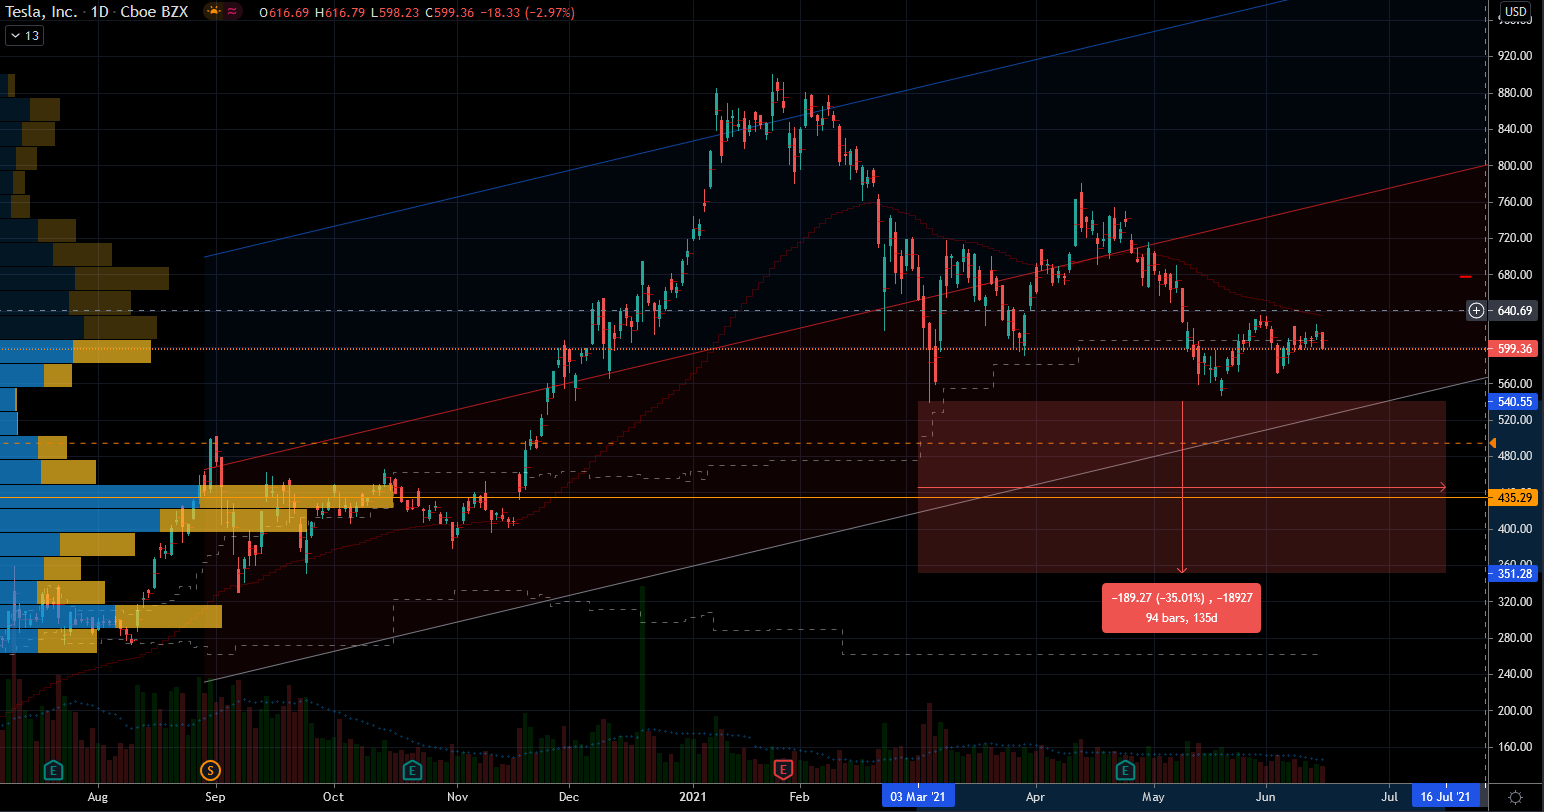 Tesla (TSLA) Stock Support Levels.